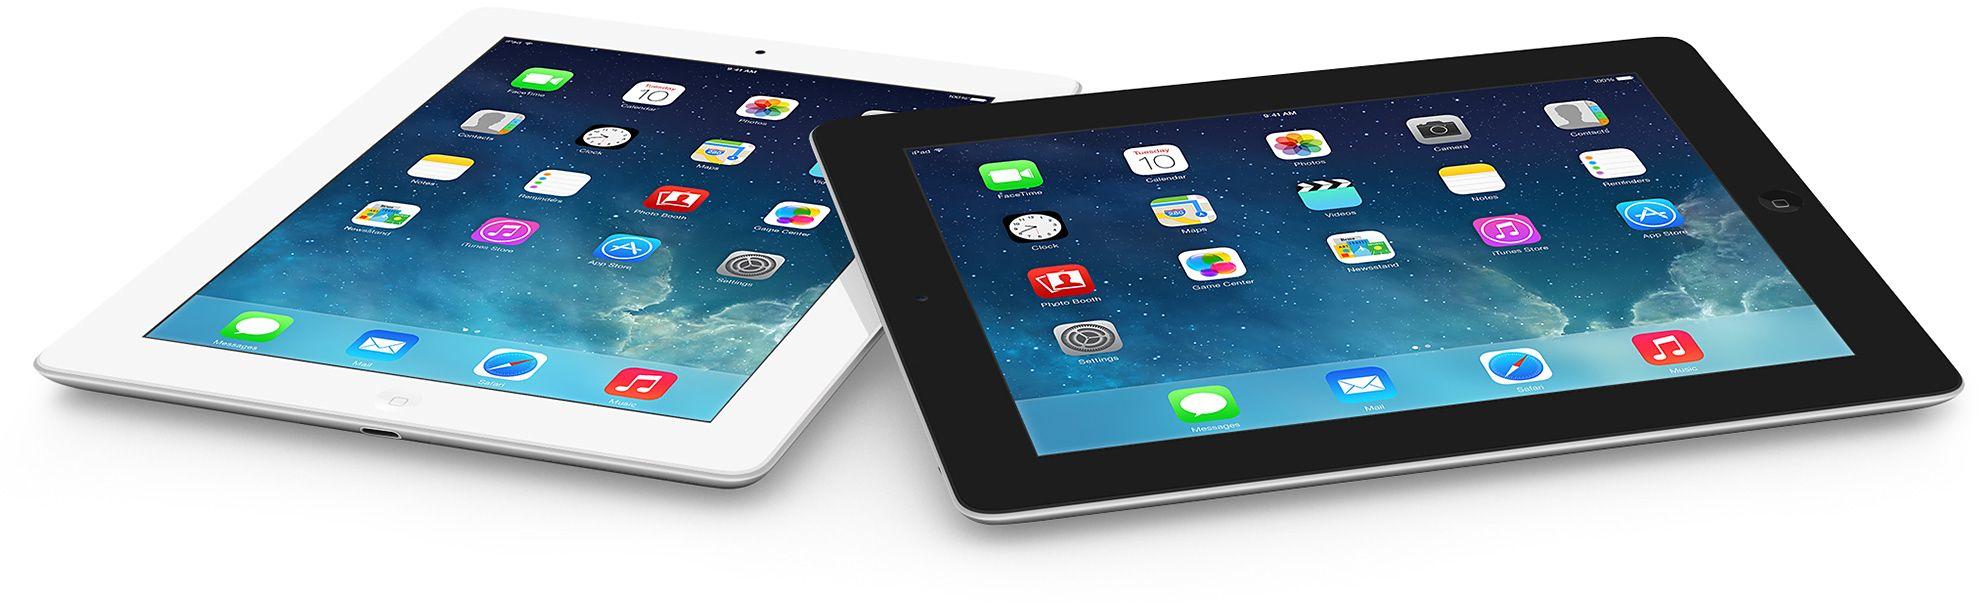 iPads com tela Retina (quarta geração)